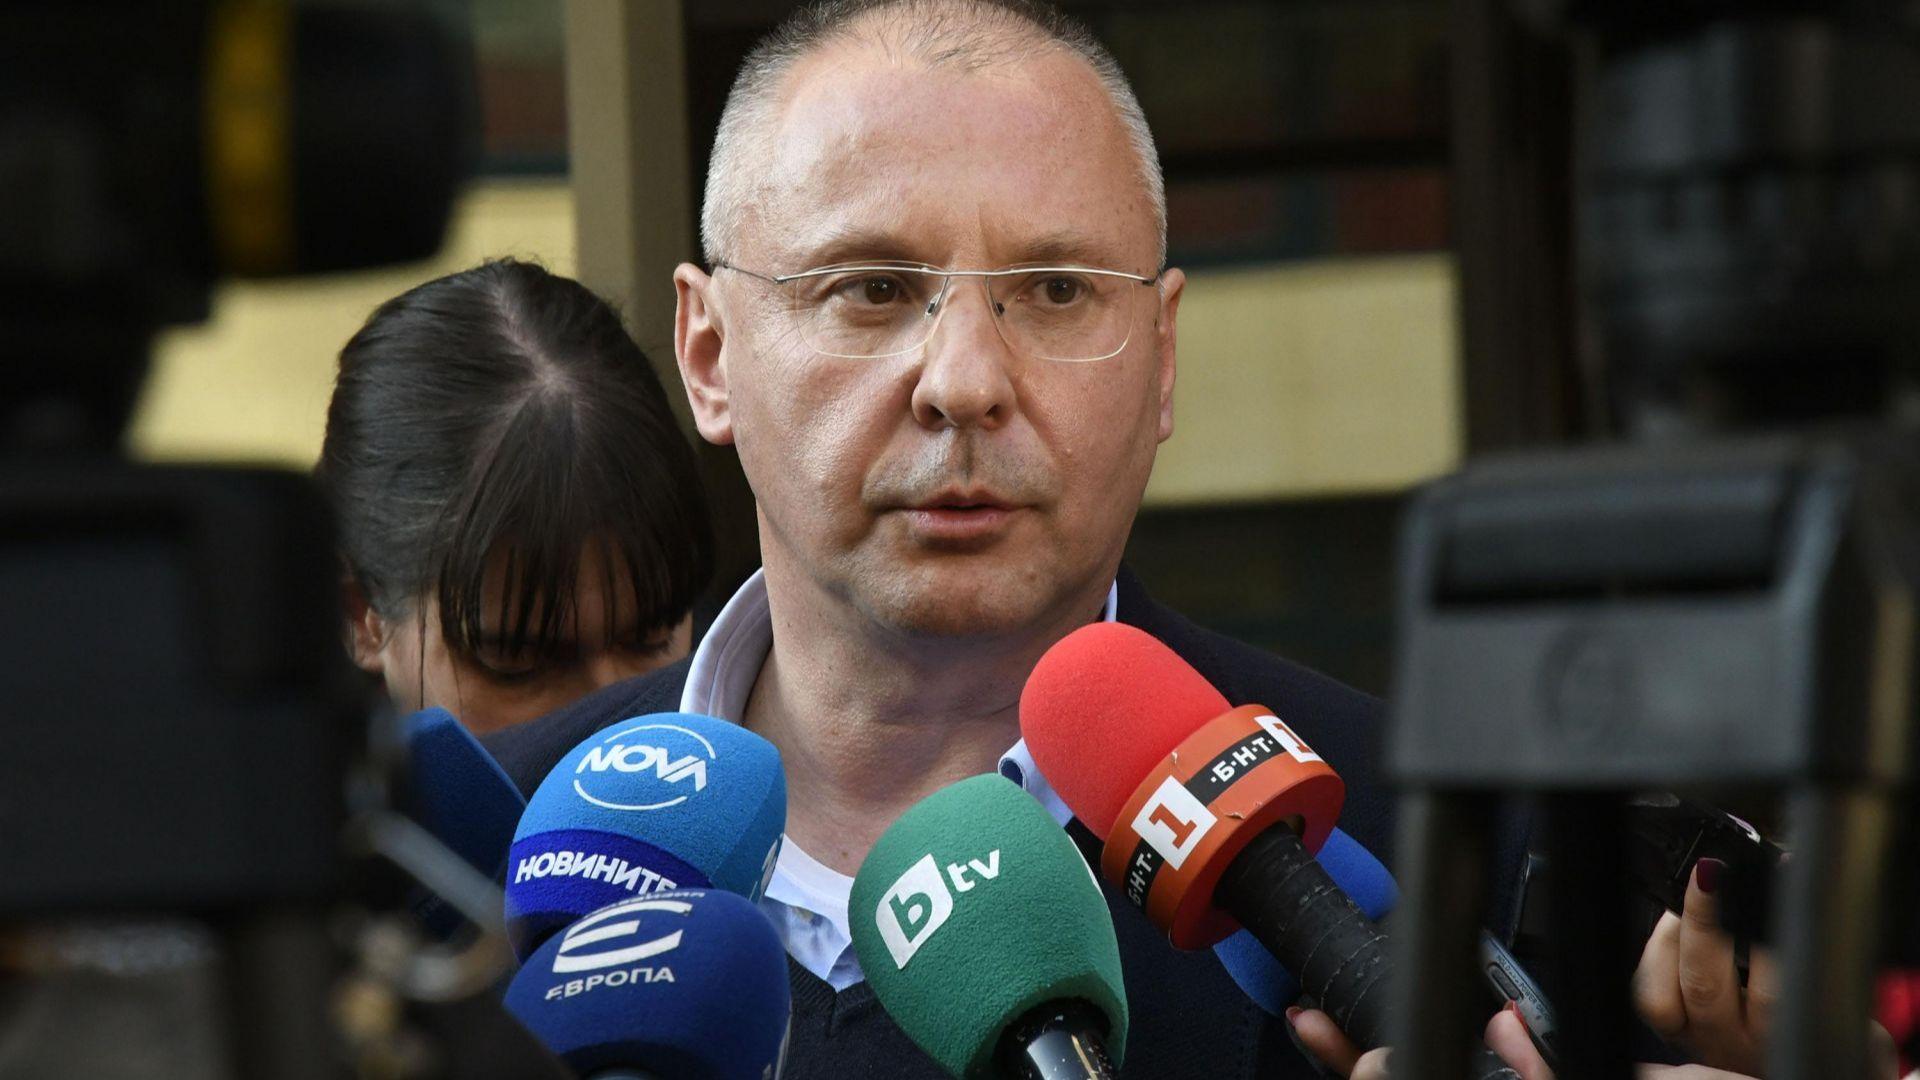 Левите премиери и Тимерманс дадоха силно рамо на Станишев за евровота